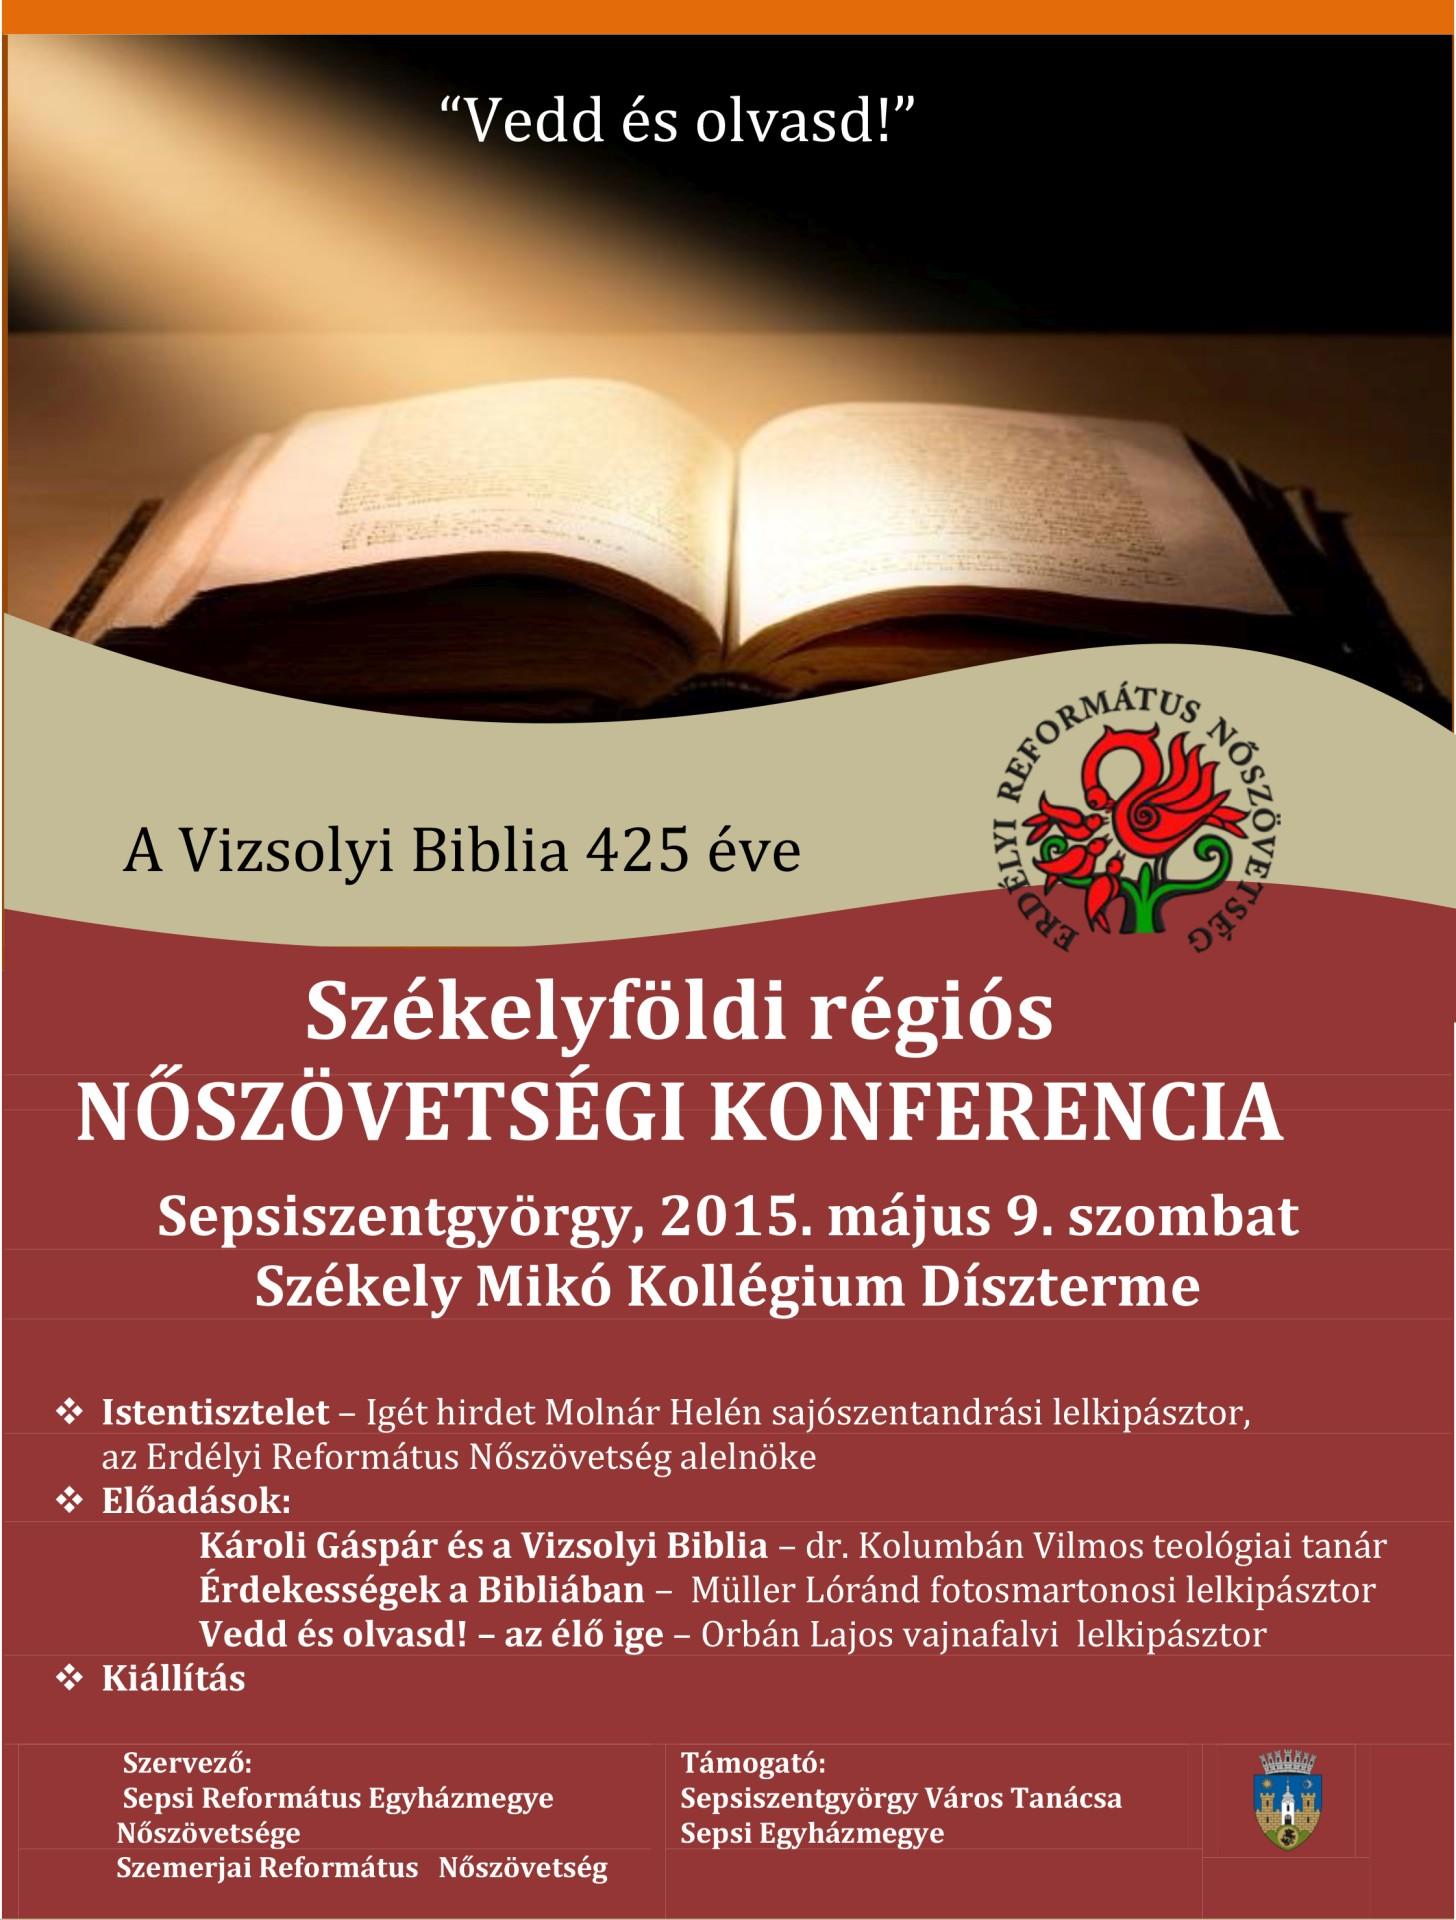 Vedd és olvasd - A Vizsolyi Biblia 425 éve